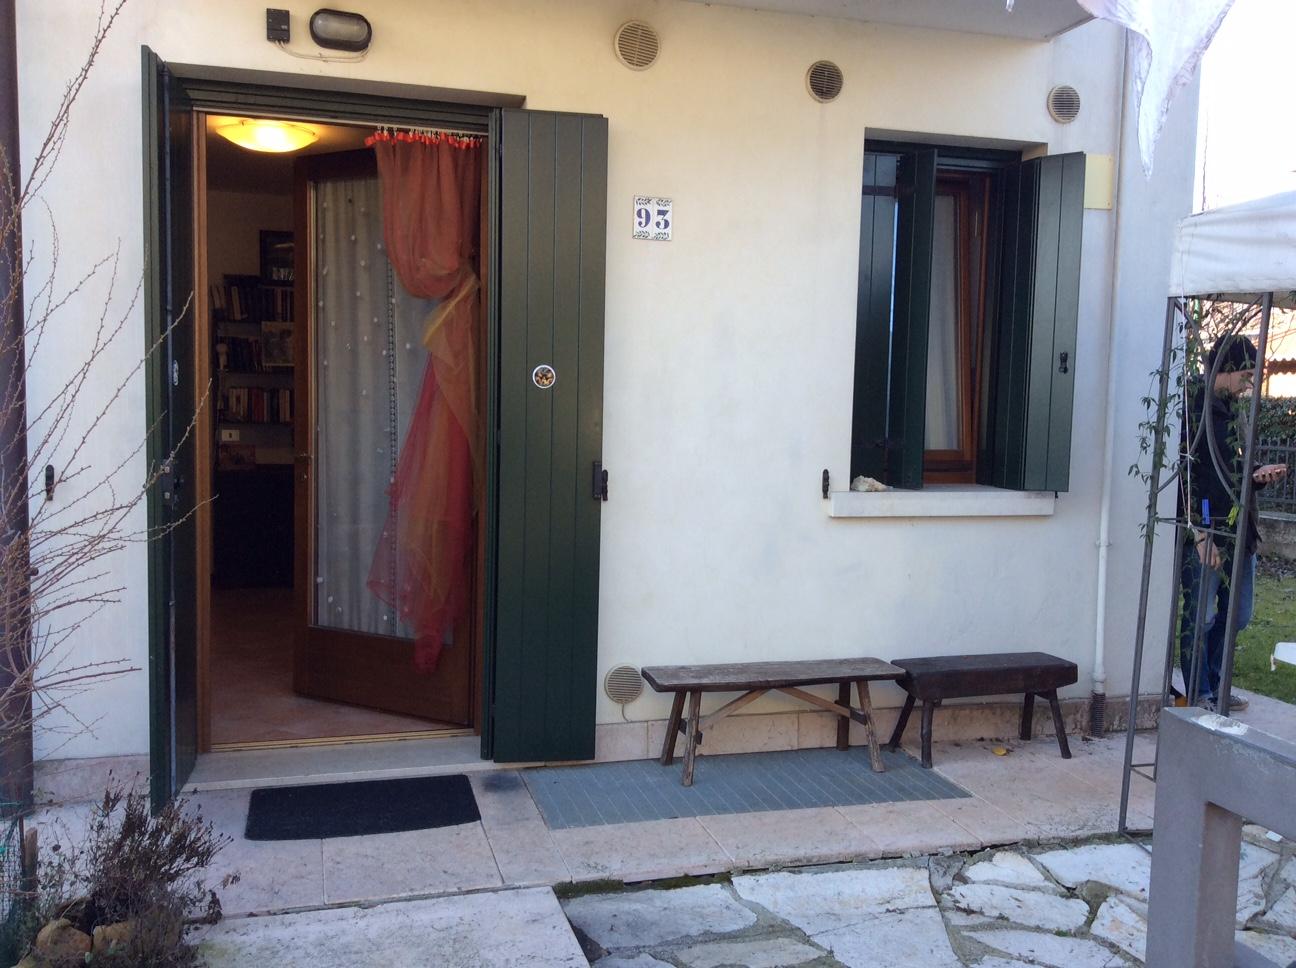 Appartamento in vendita a Ponzano Veneto, 3 locali, zona Località: Paderno, prezzo € 90.000 | Cambio Casa.it